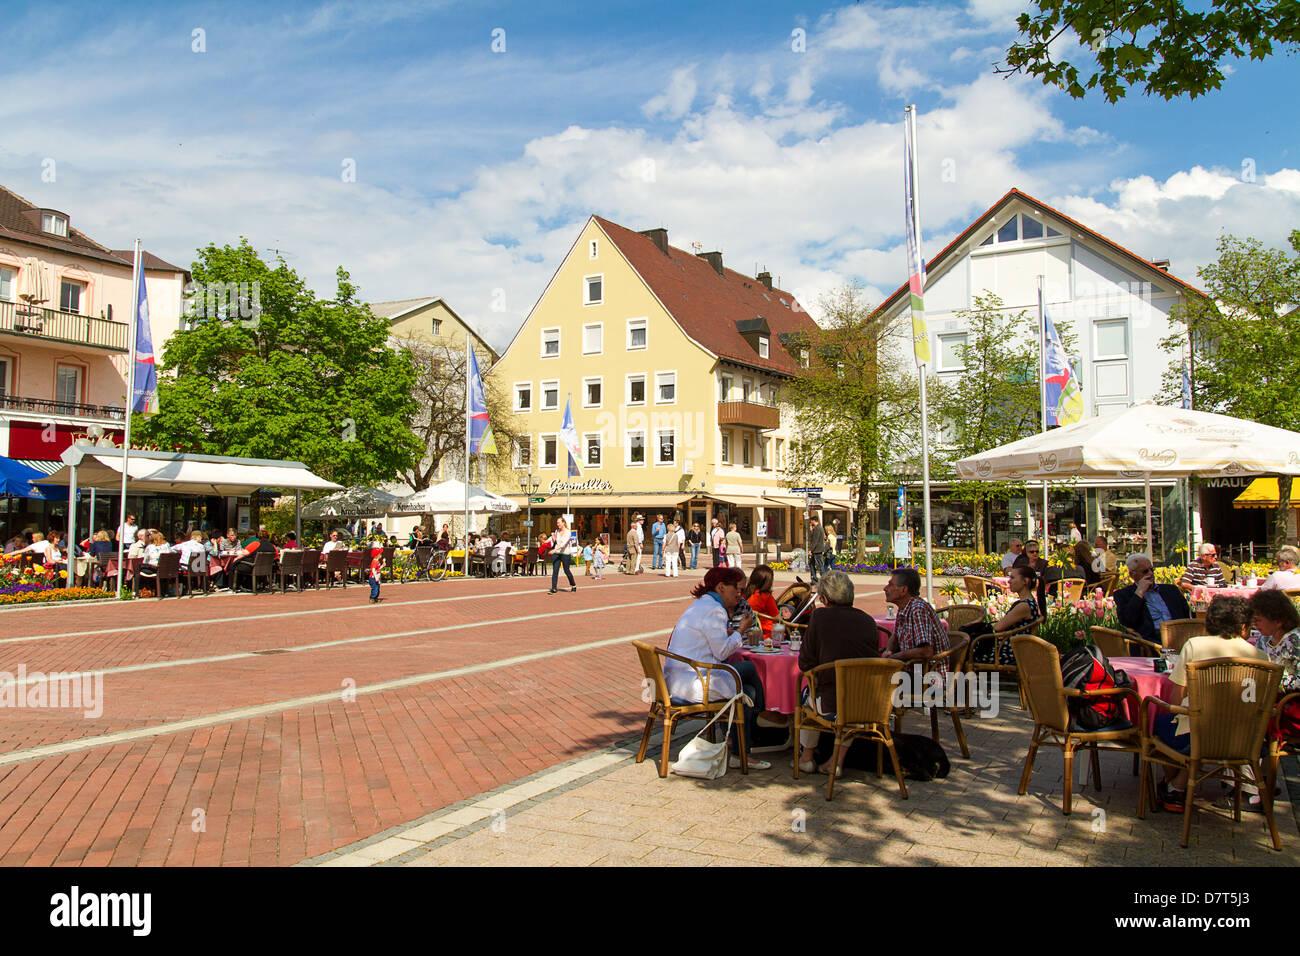 Bad Woerishofen, Germany Stock Photo